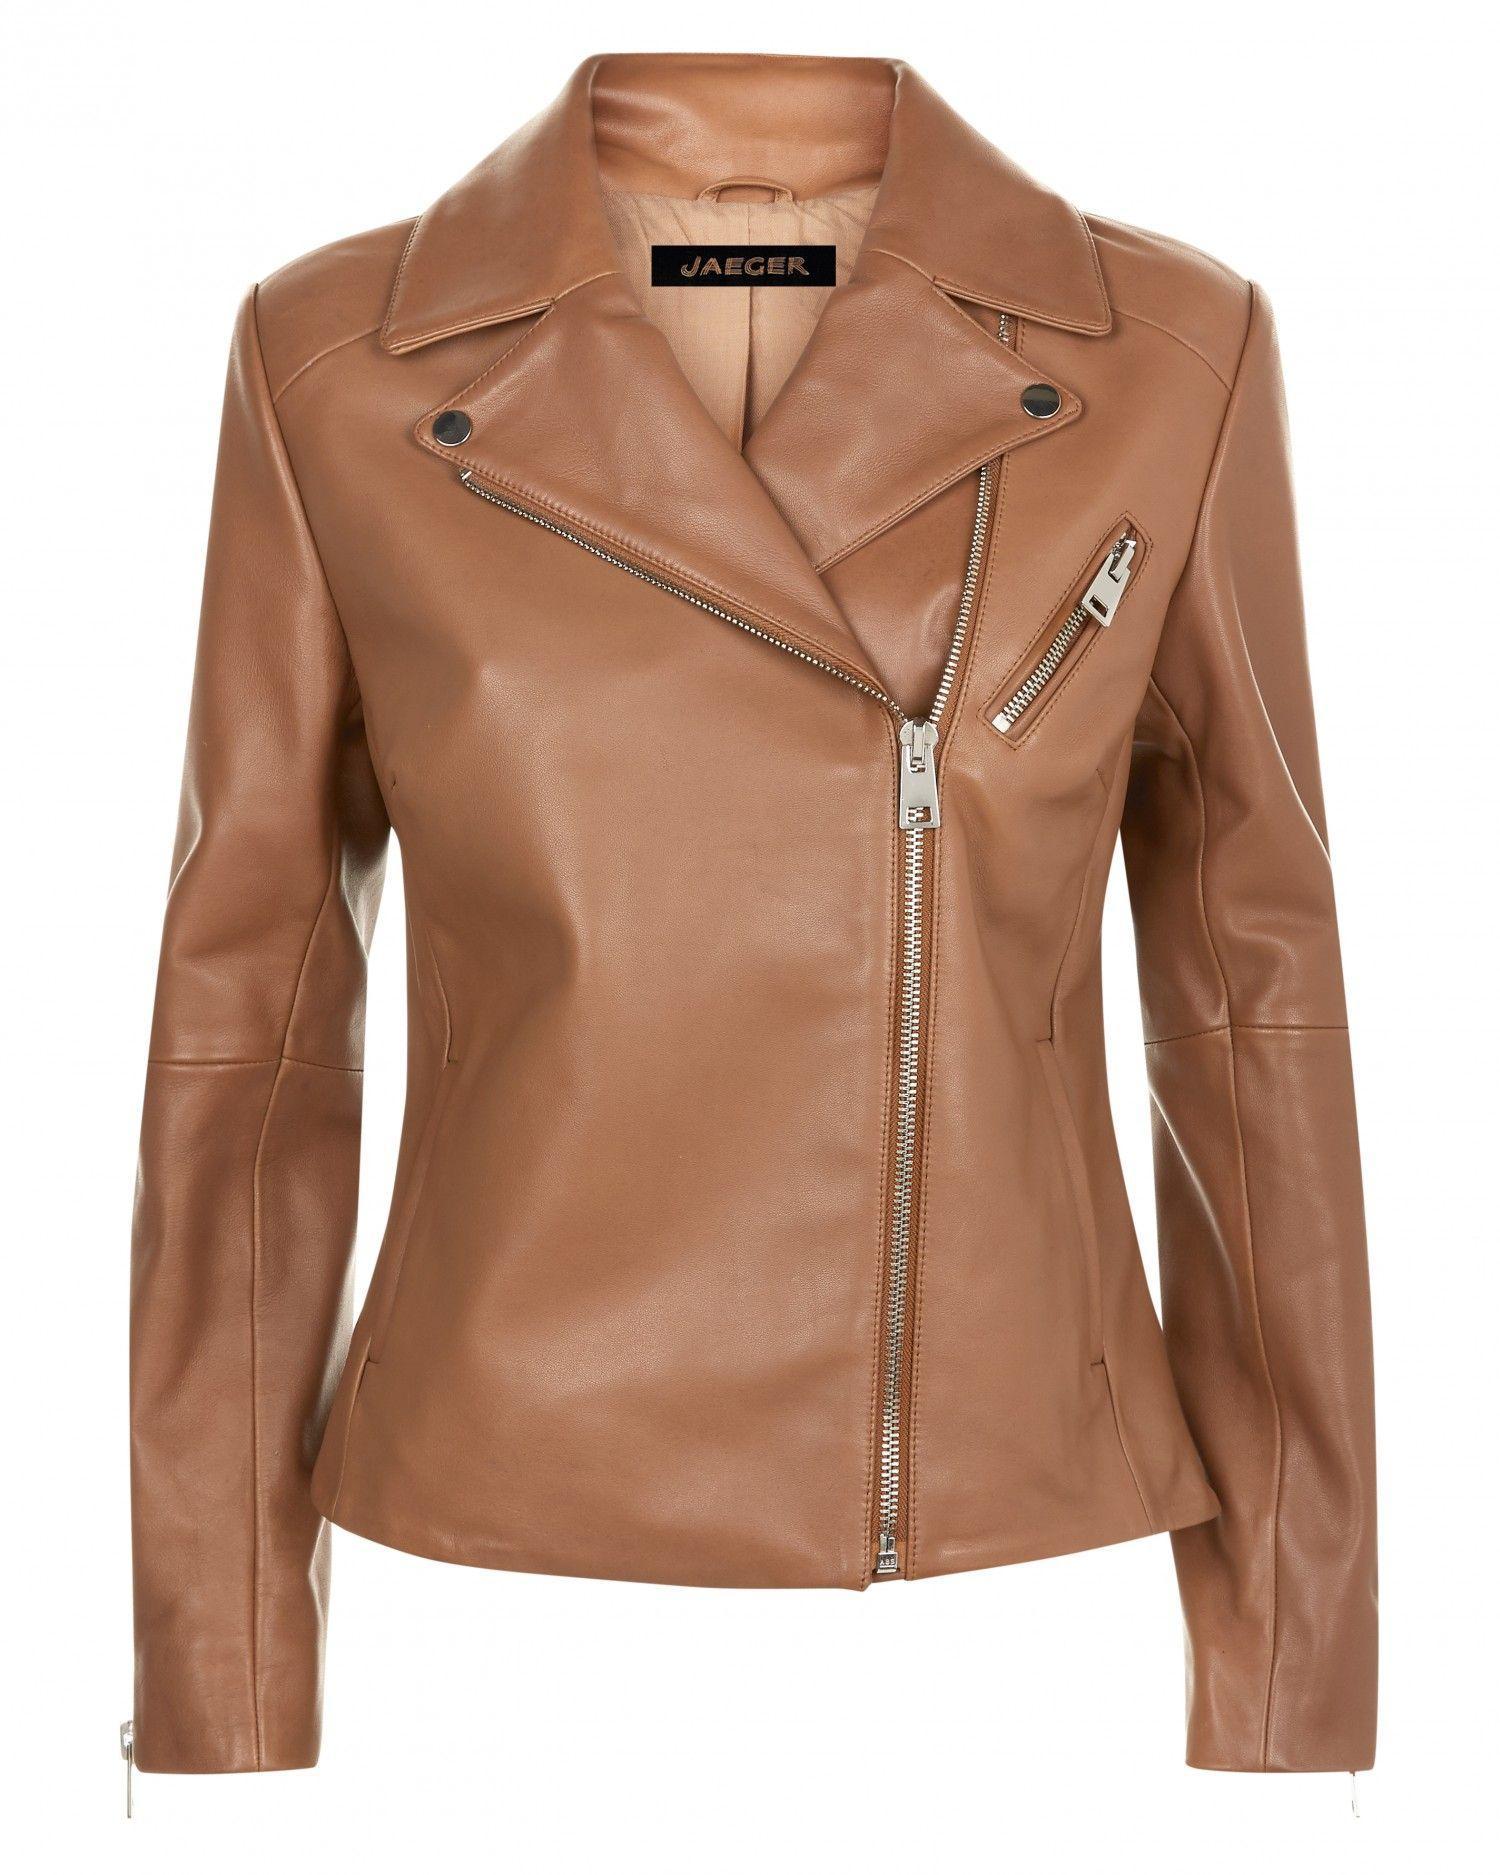 Leather Zip Biker Jacket Jaeger Motorcycle jacket